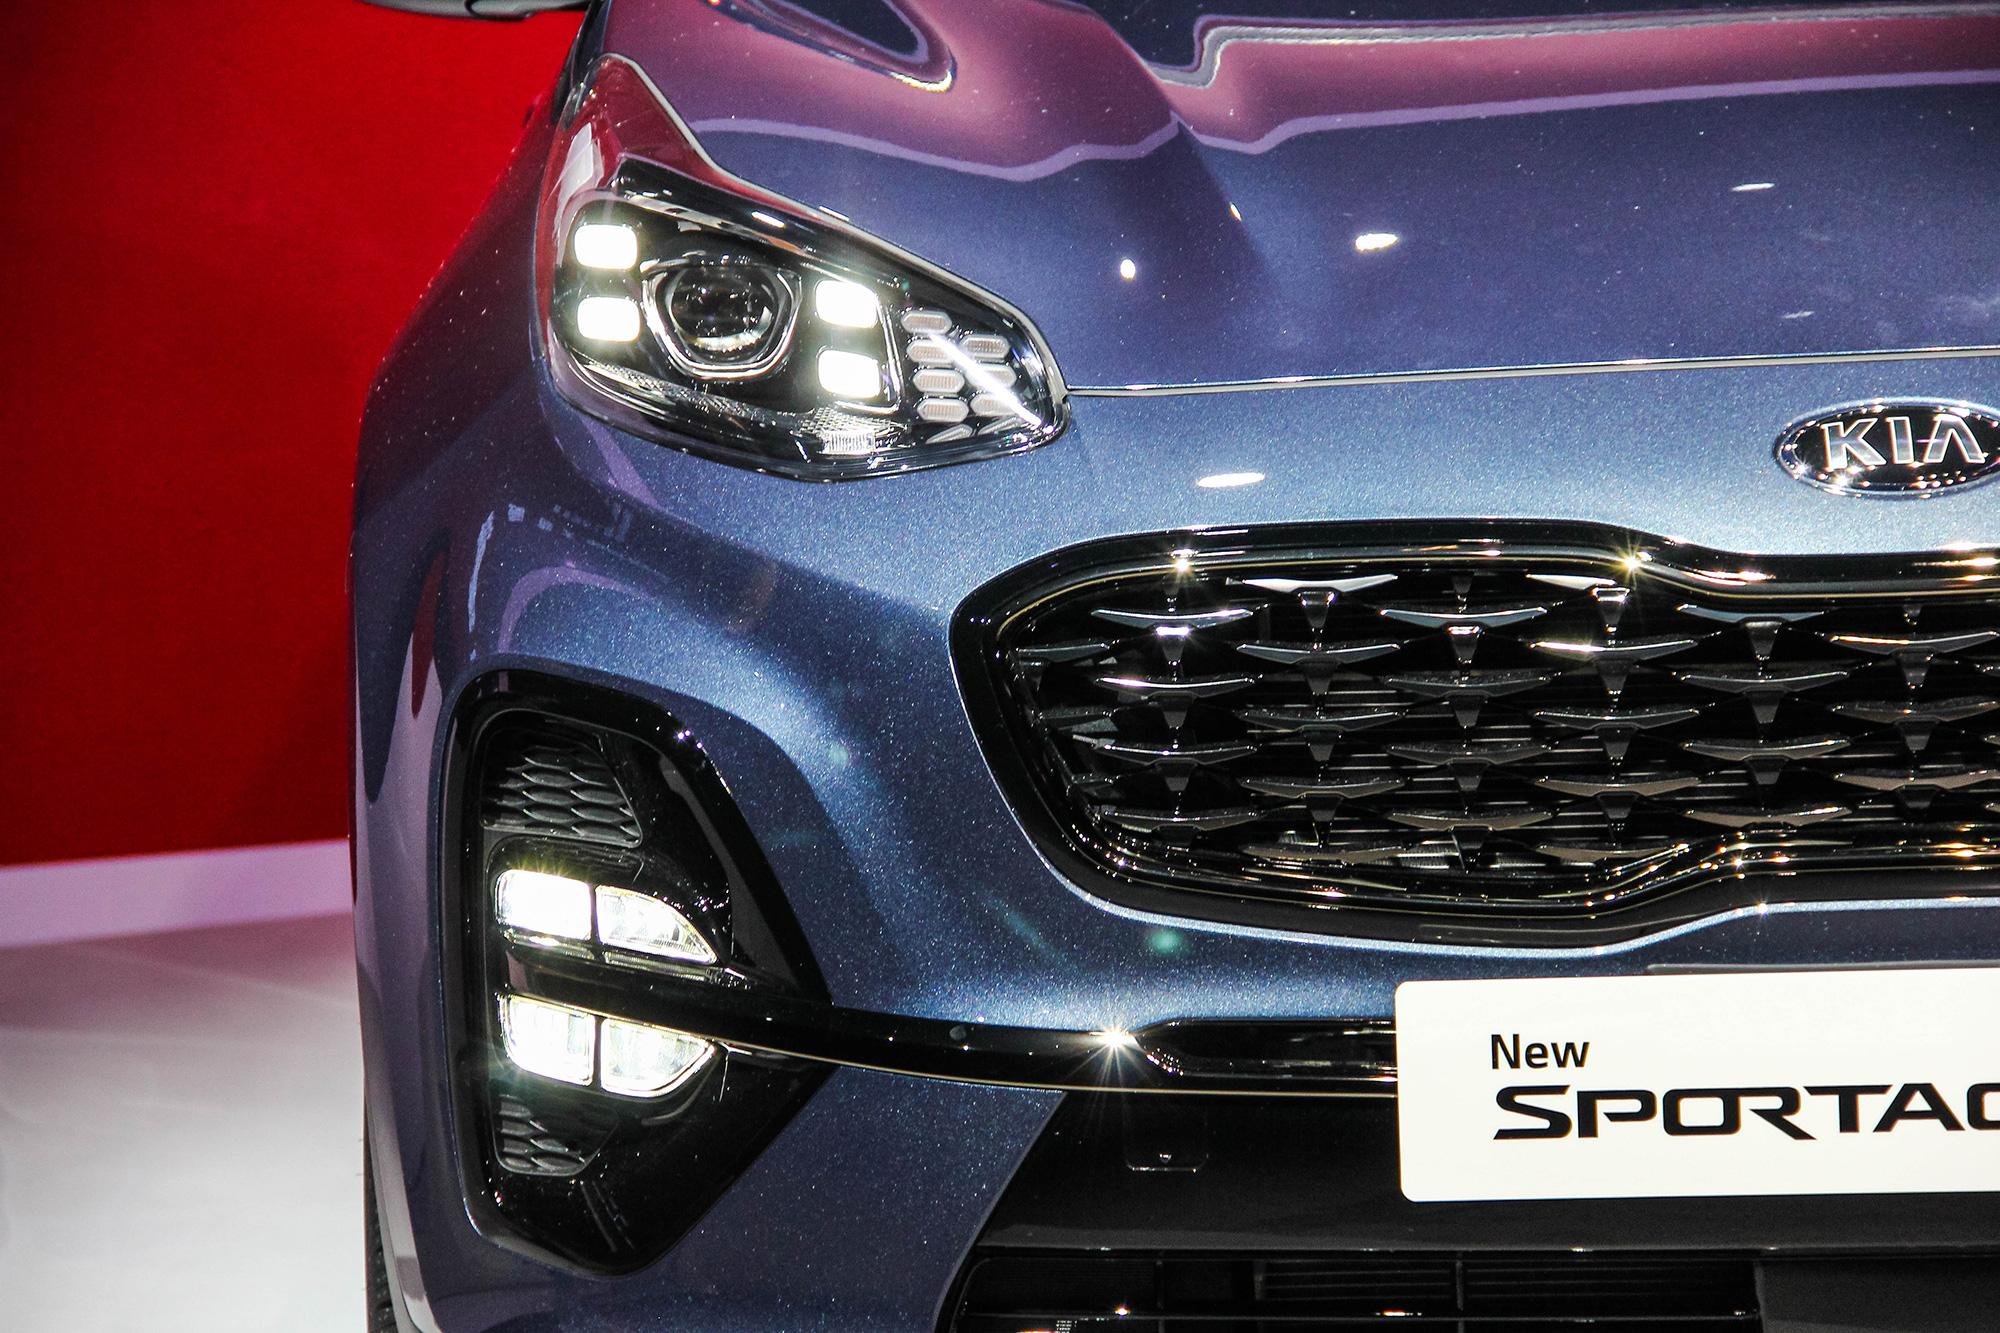 GT-Line 車型升級四點式晝行燈以及新詮釋的矩陣式 LED 霧燈。